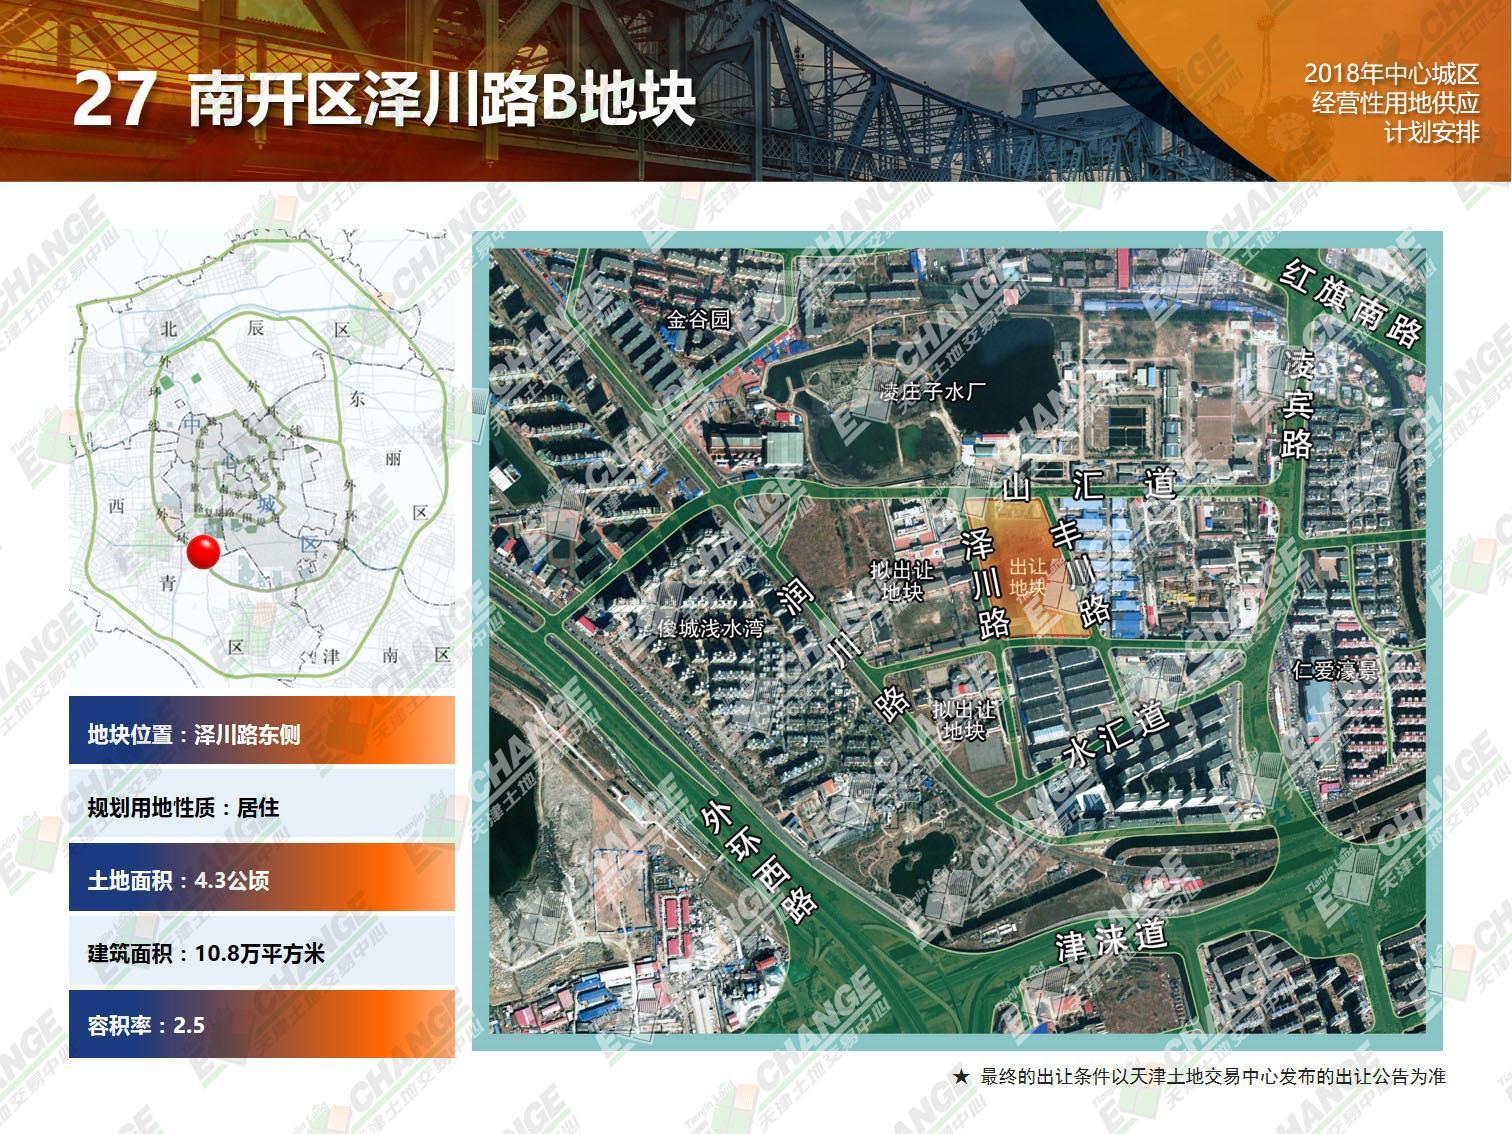 天津市区地图_天津 2018 市区人口